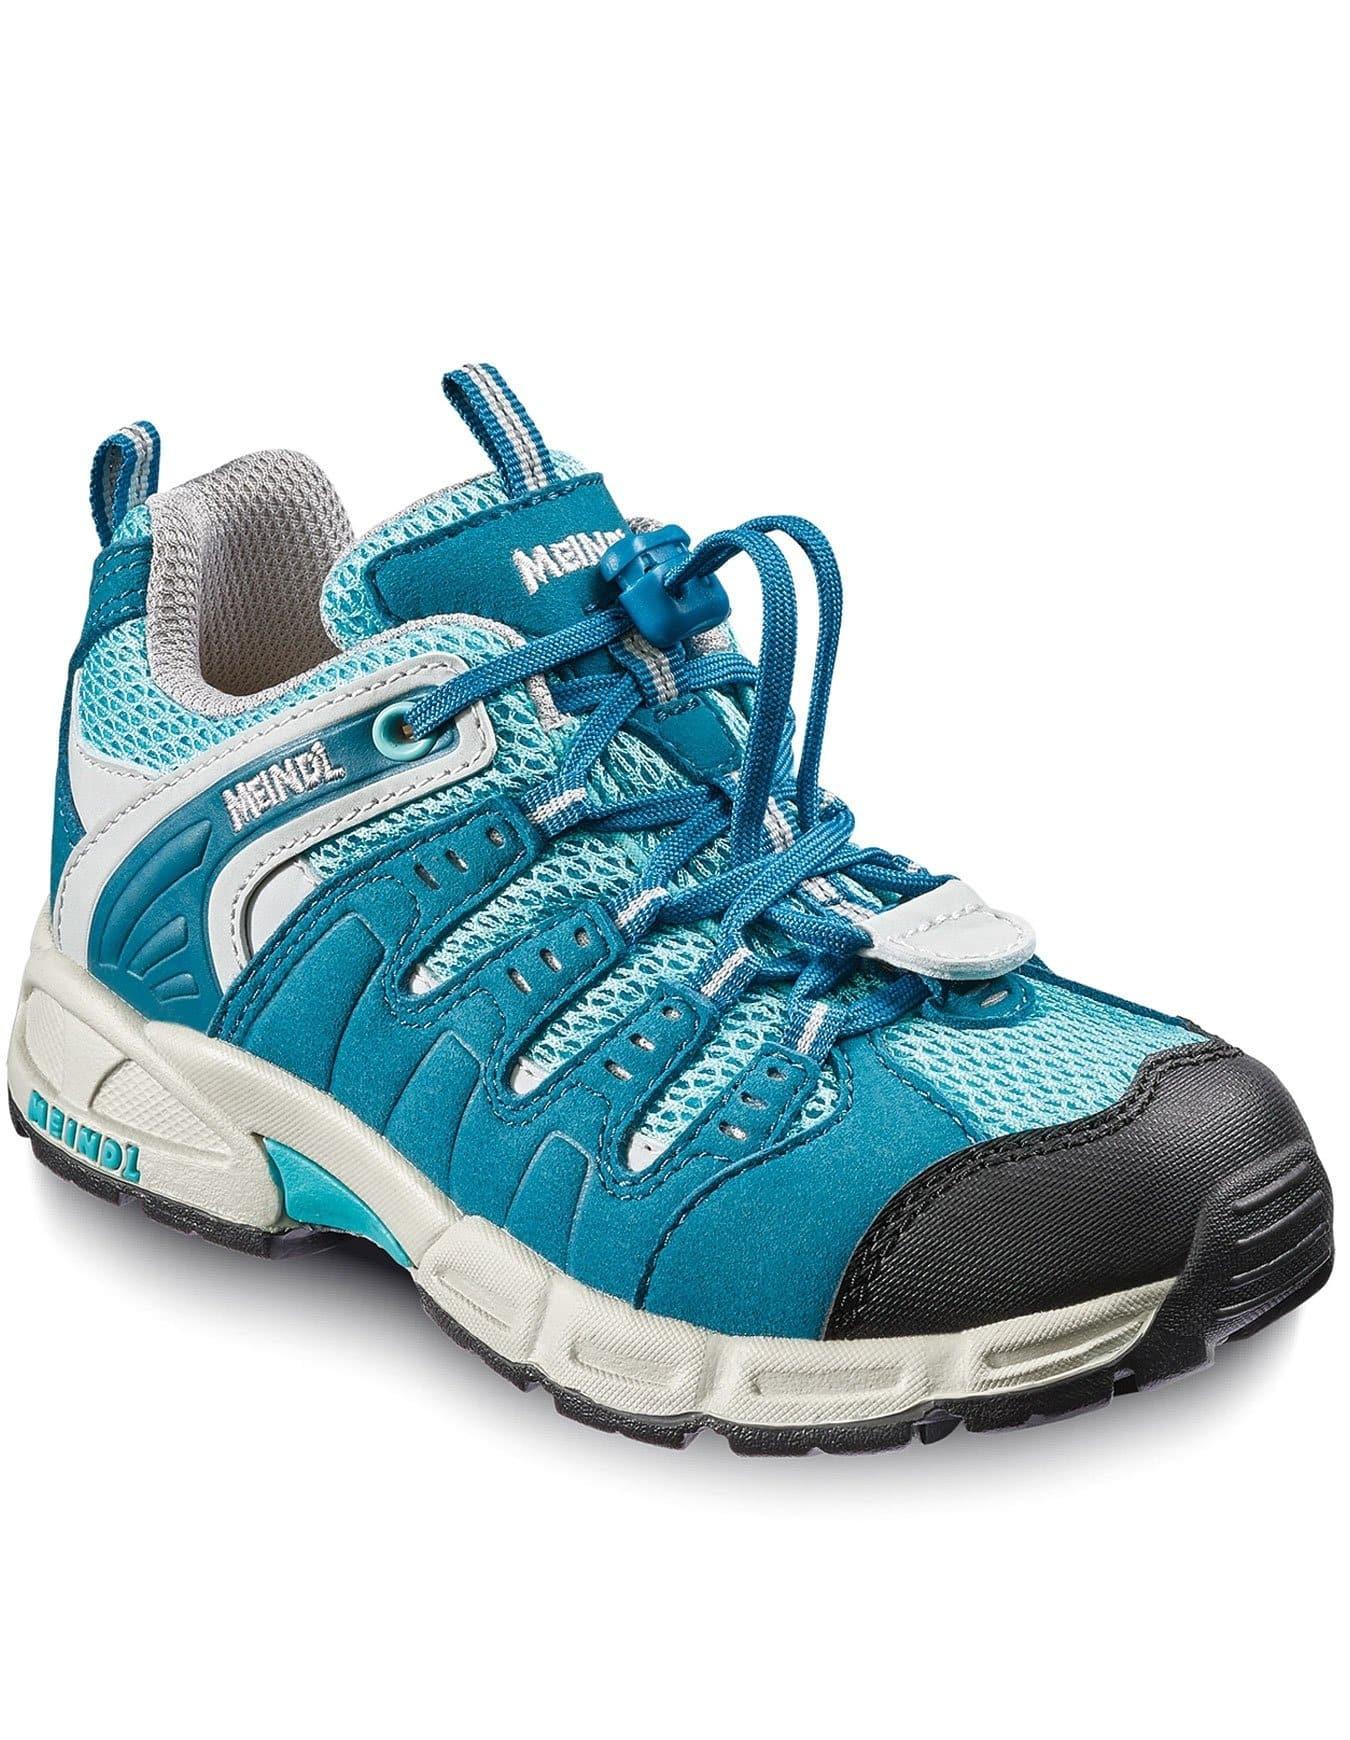 Des chaussures de randonnée enfant basse